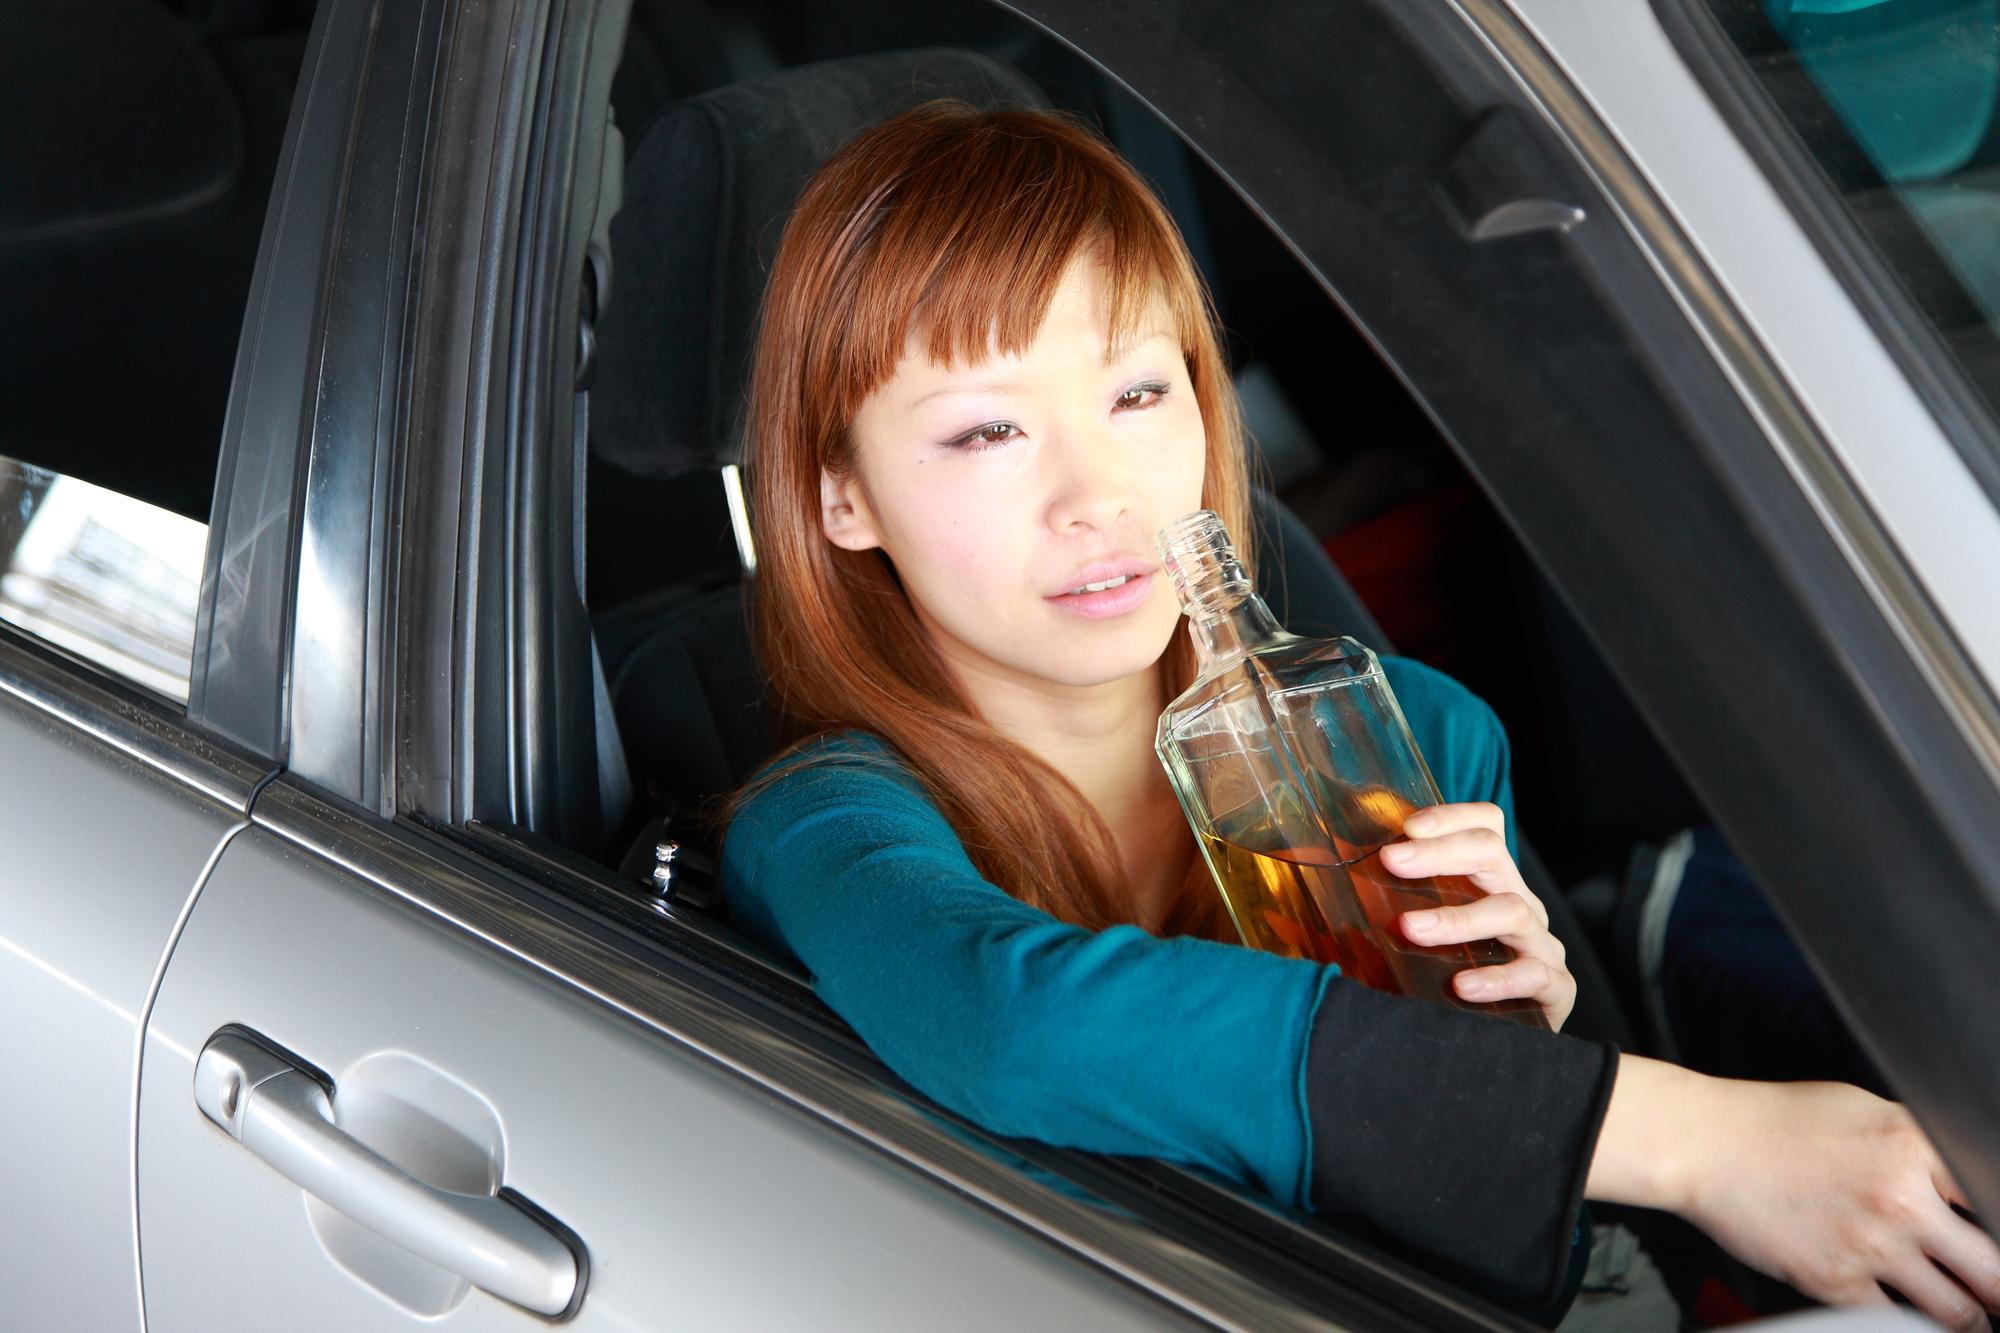 「アルコール1%」の飲料を飲んで運転・・・酔ってなくても違法になる?